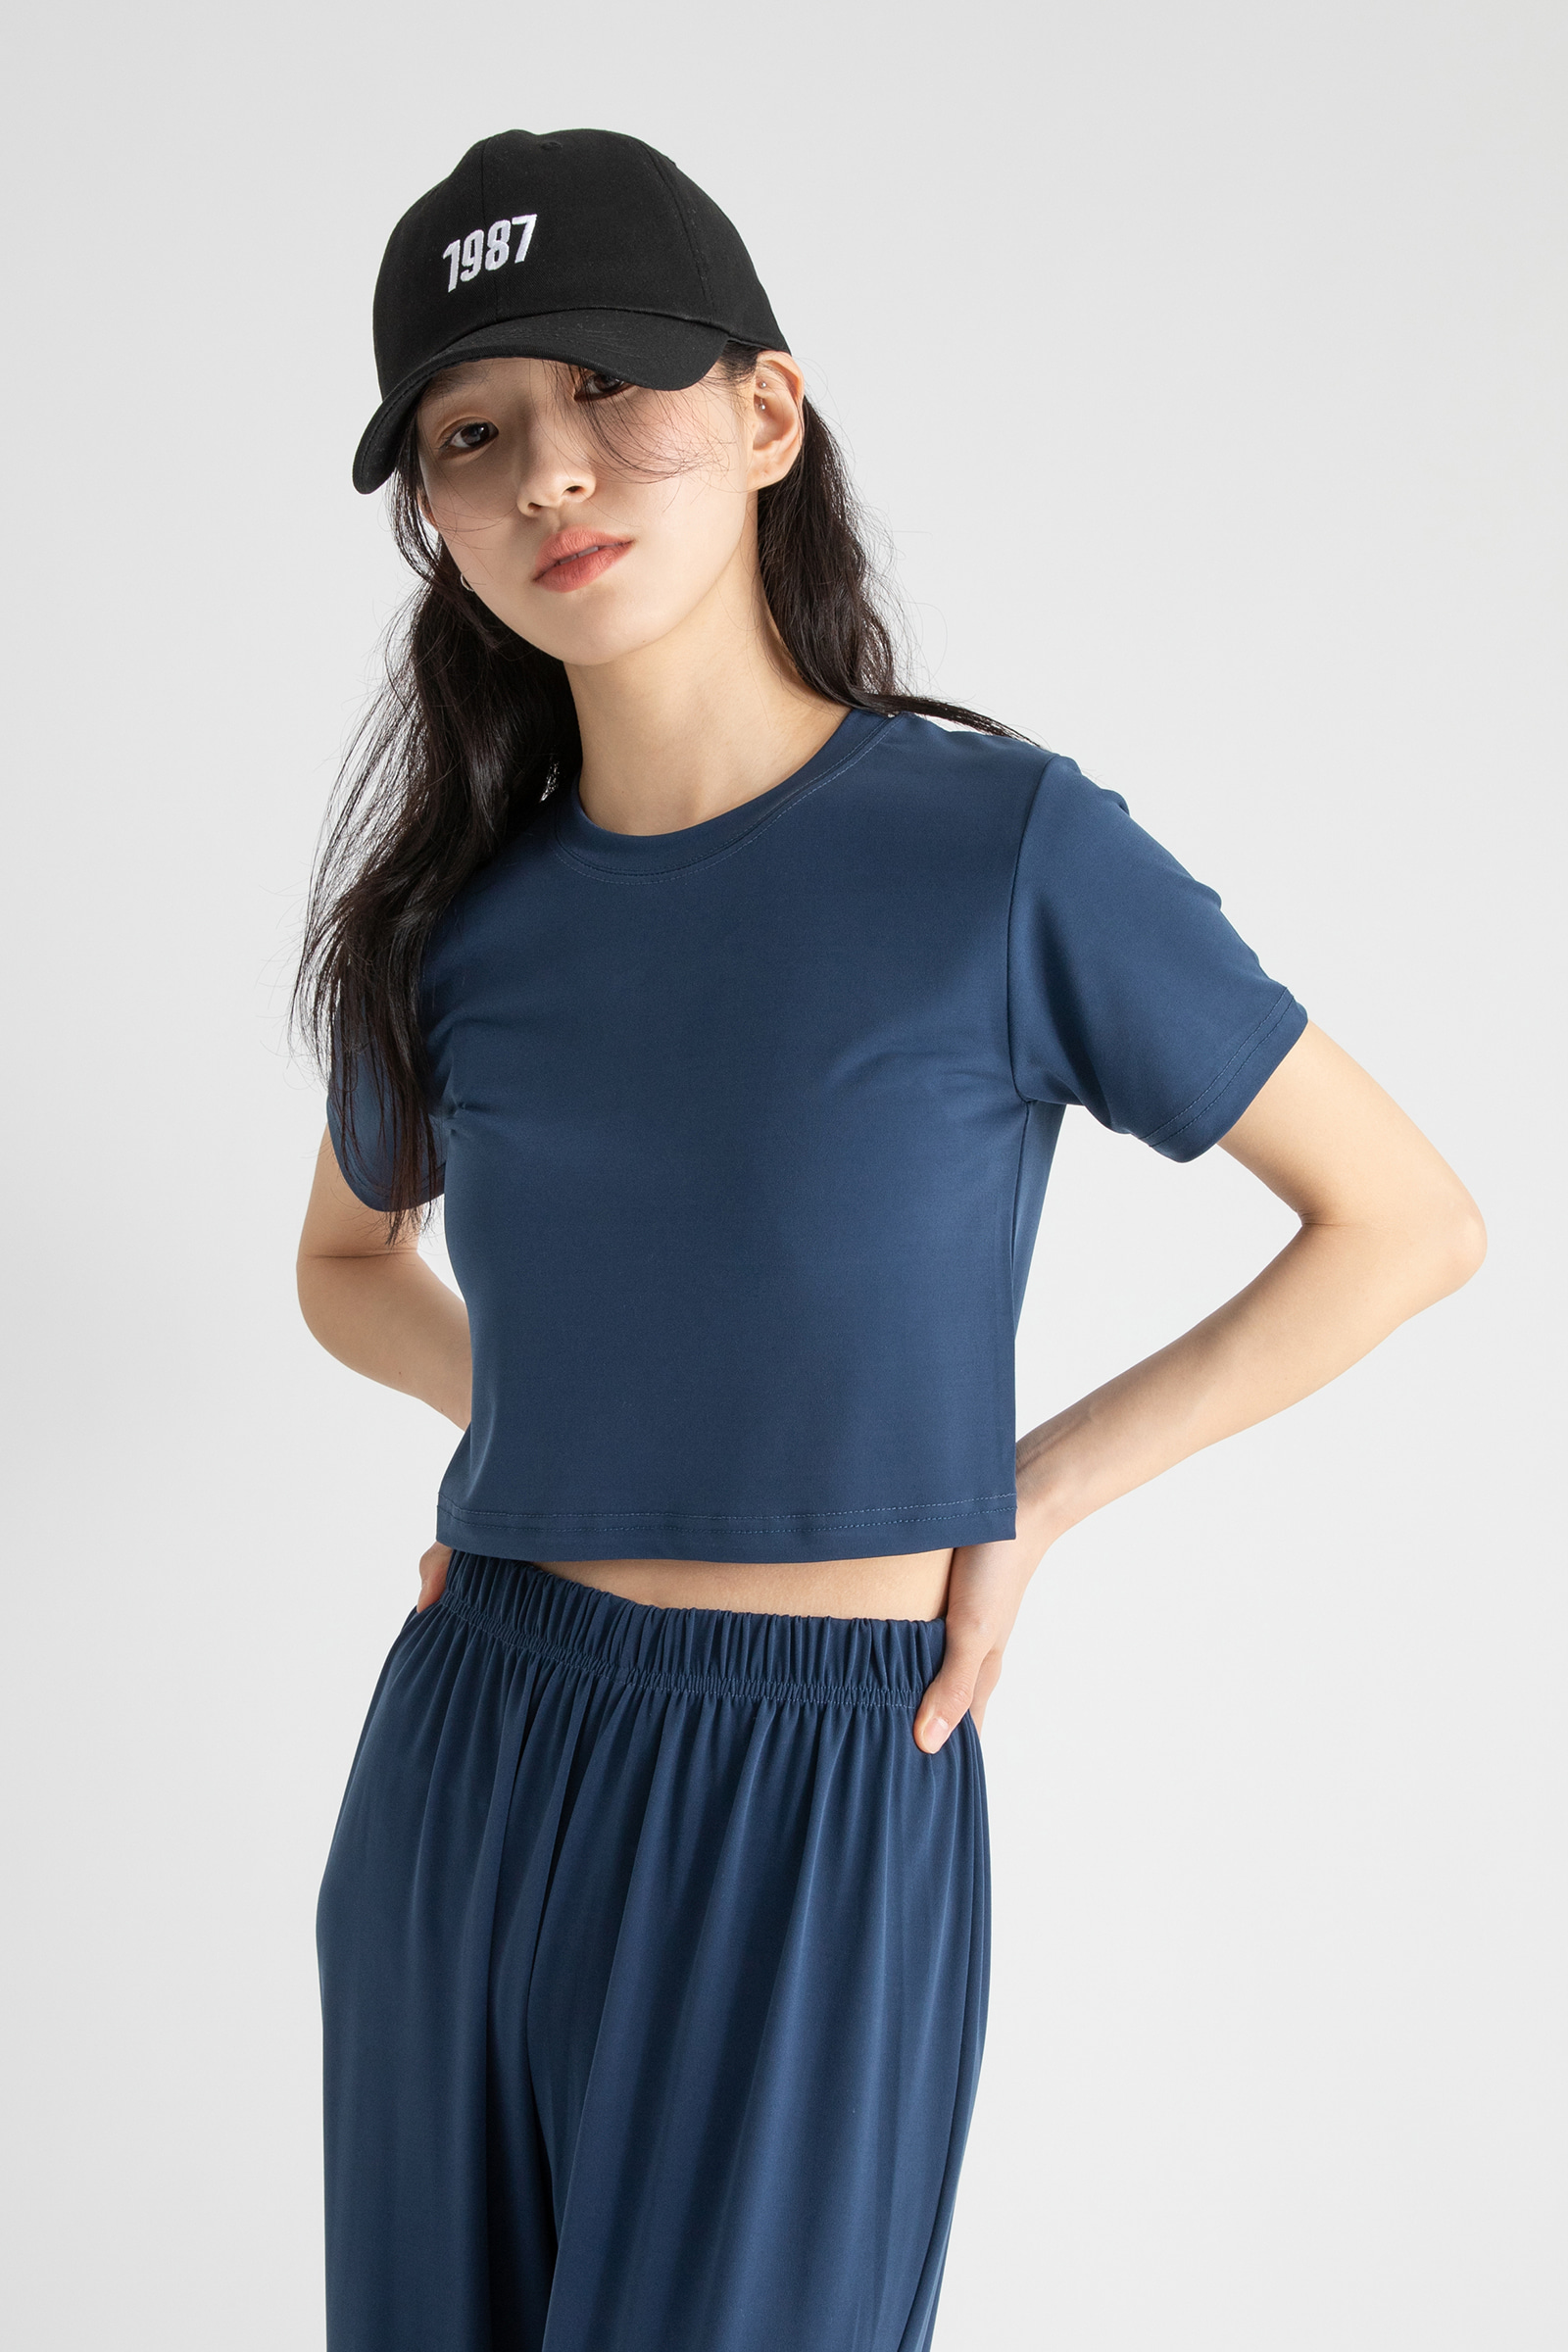 Mild cropped round-neck T-shirt